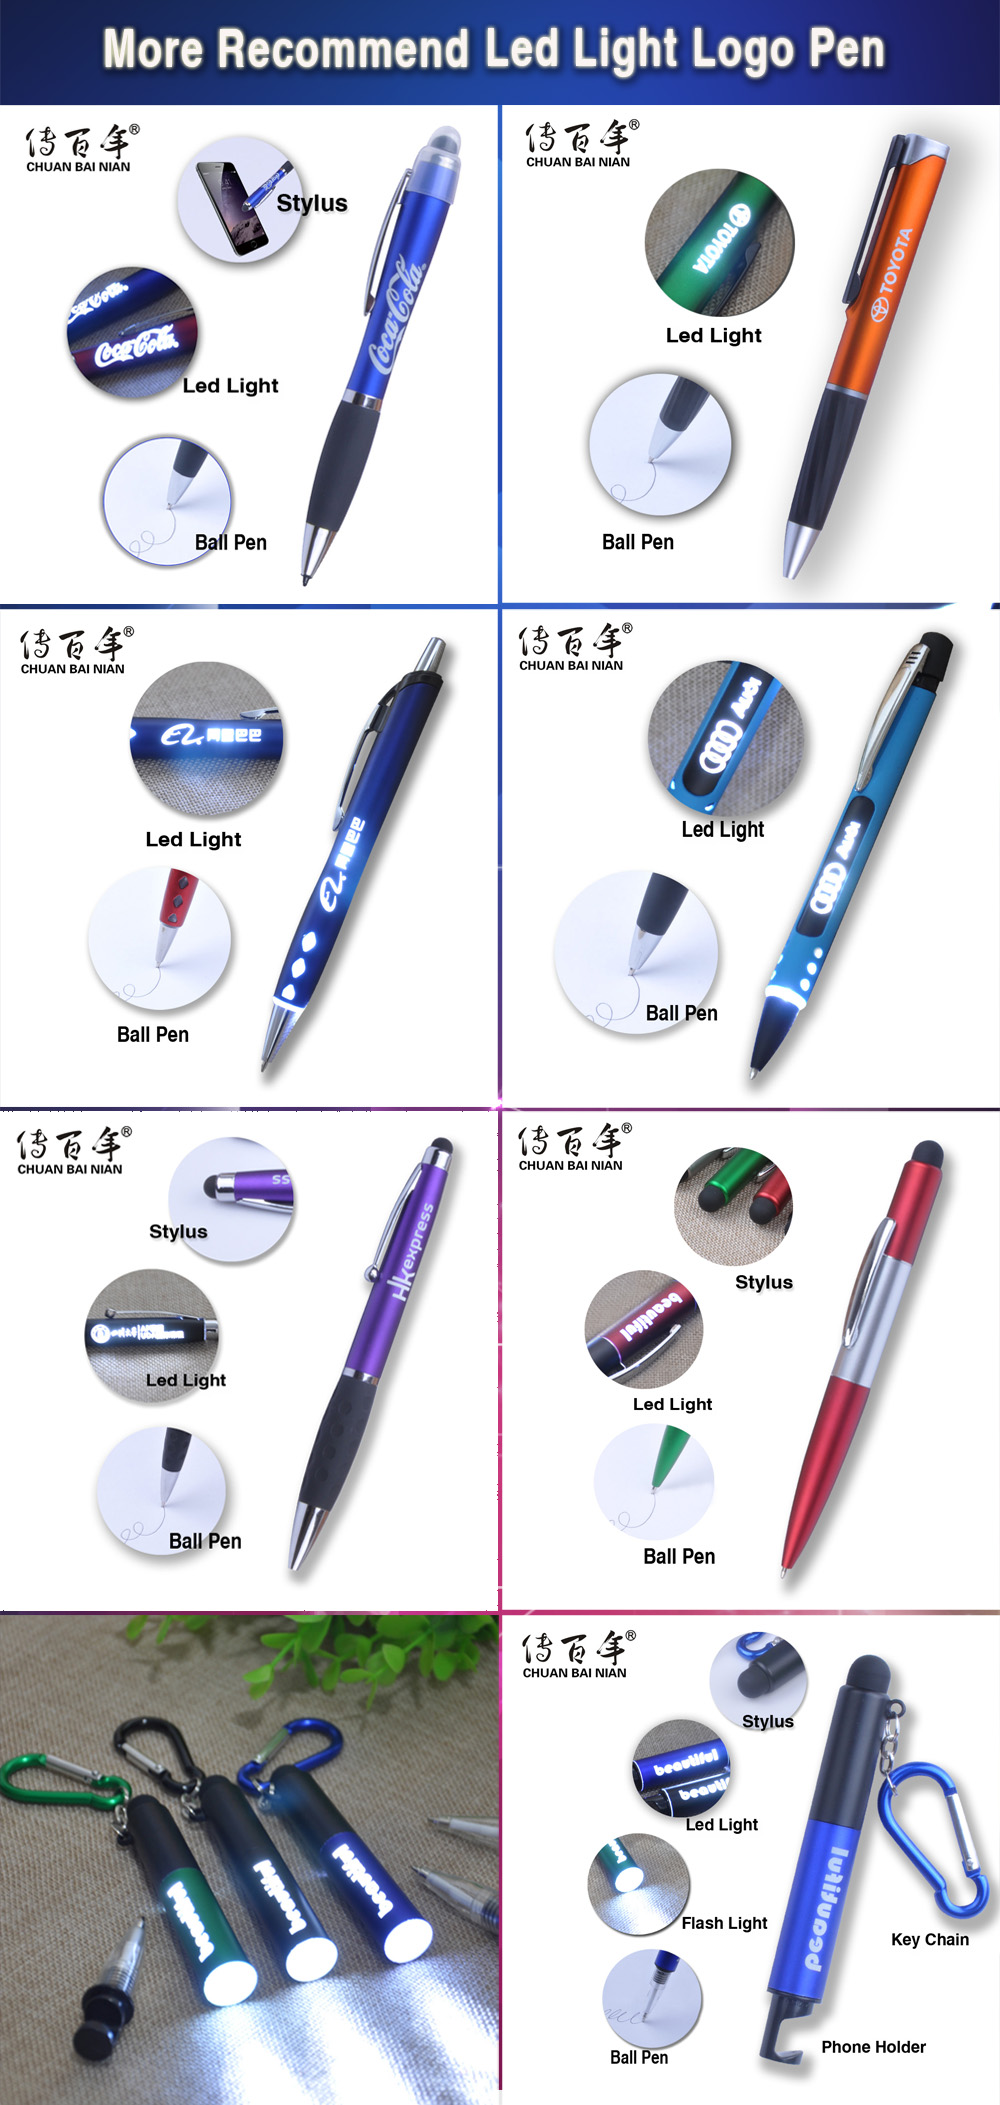 Vendite calde regalo promozionale multifunzionale ha condotto la luce del flash penna dello stilo con portachiavi e supporto del telefono